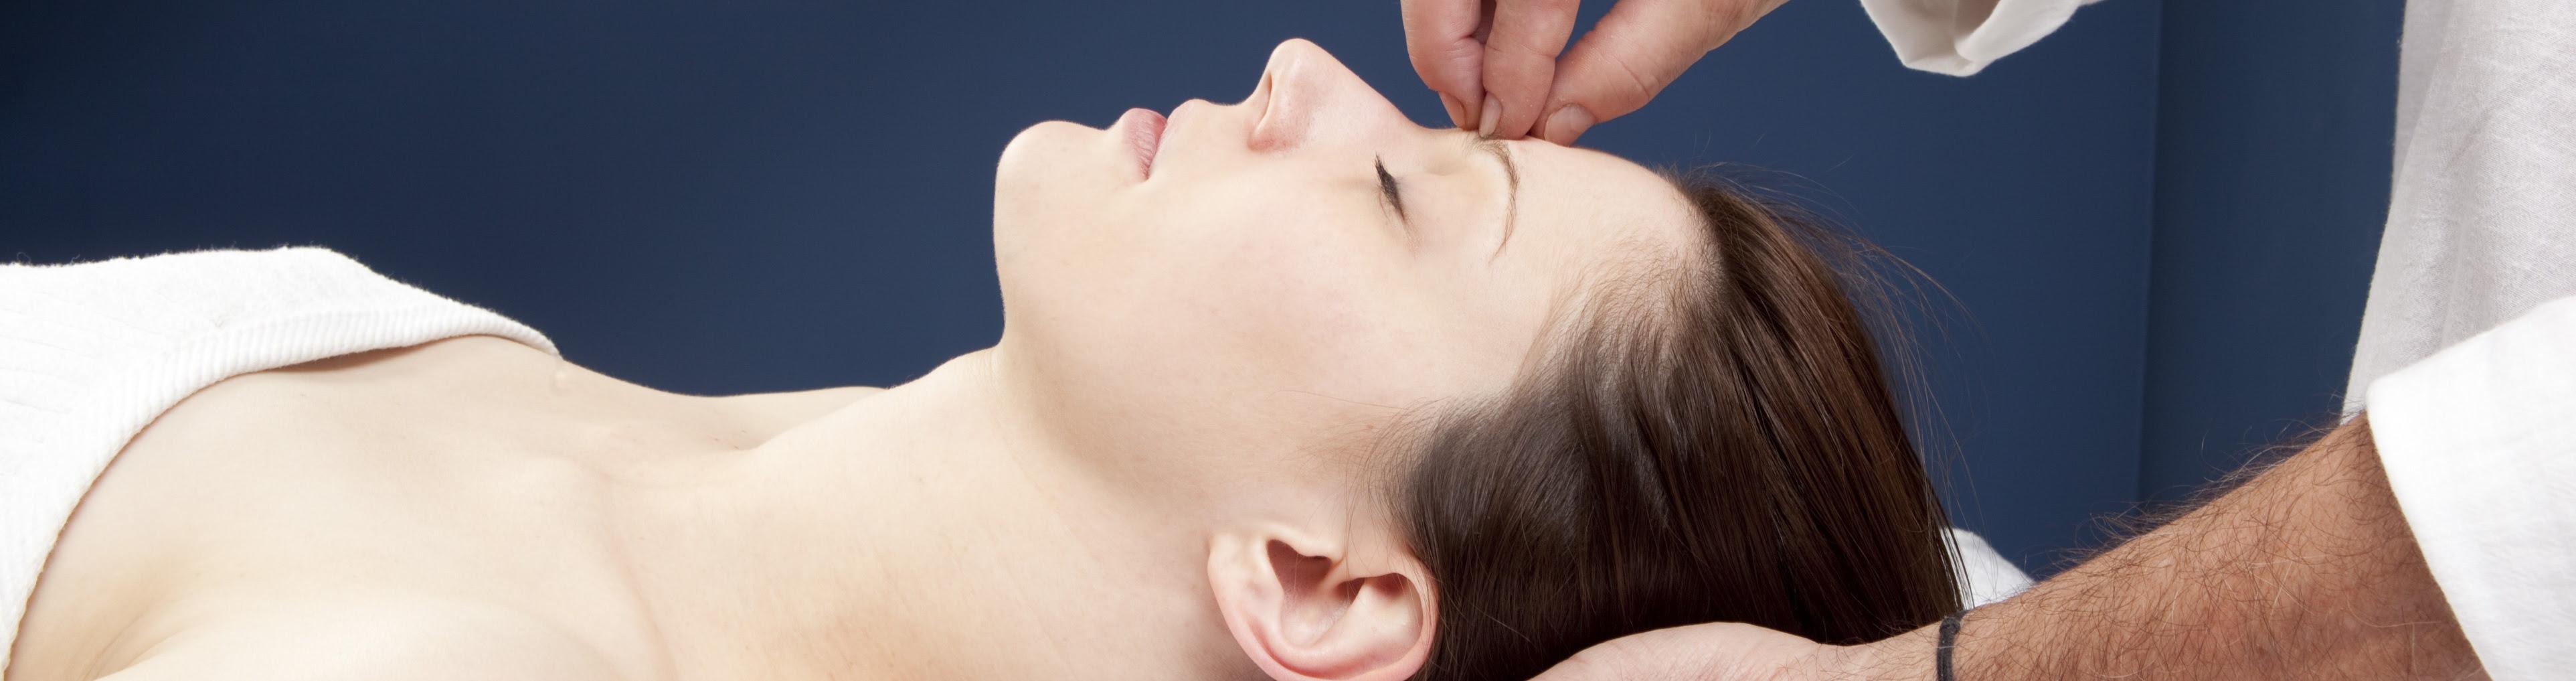 FOTO: Mulher deitada, com os olhos fechados, demonstrando relaxamento, e os dedos do terapeuta na testa da mulher, como quem induz o relaxamento hipnótico